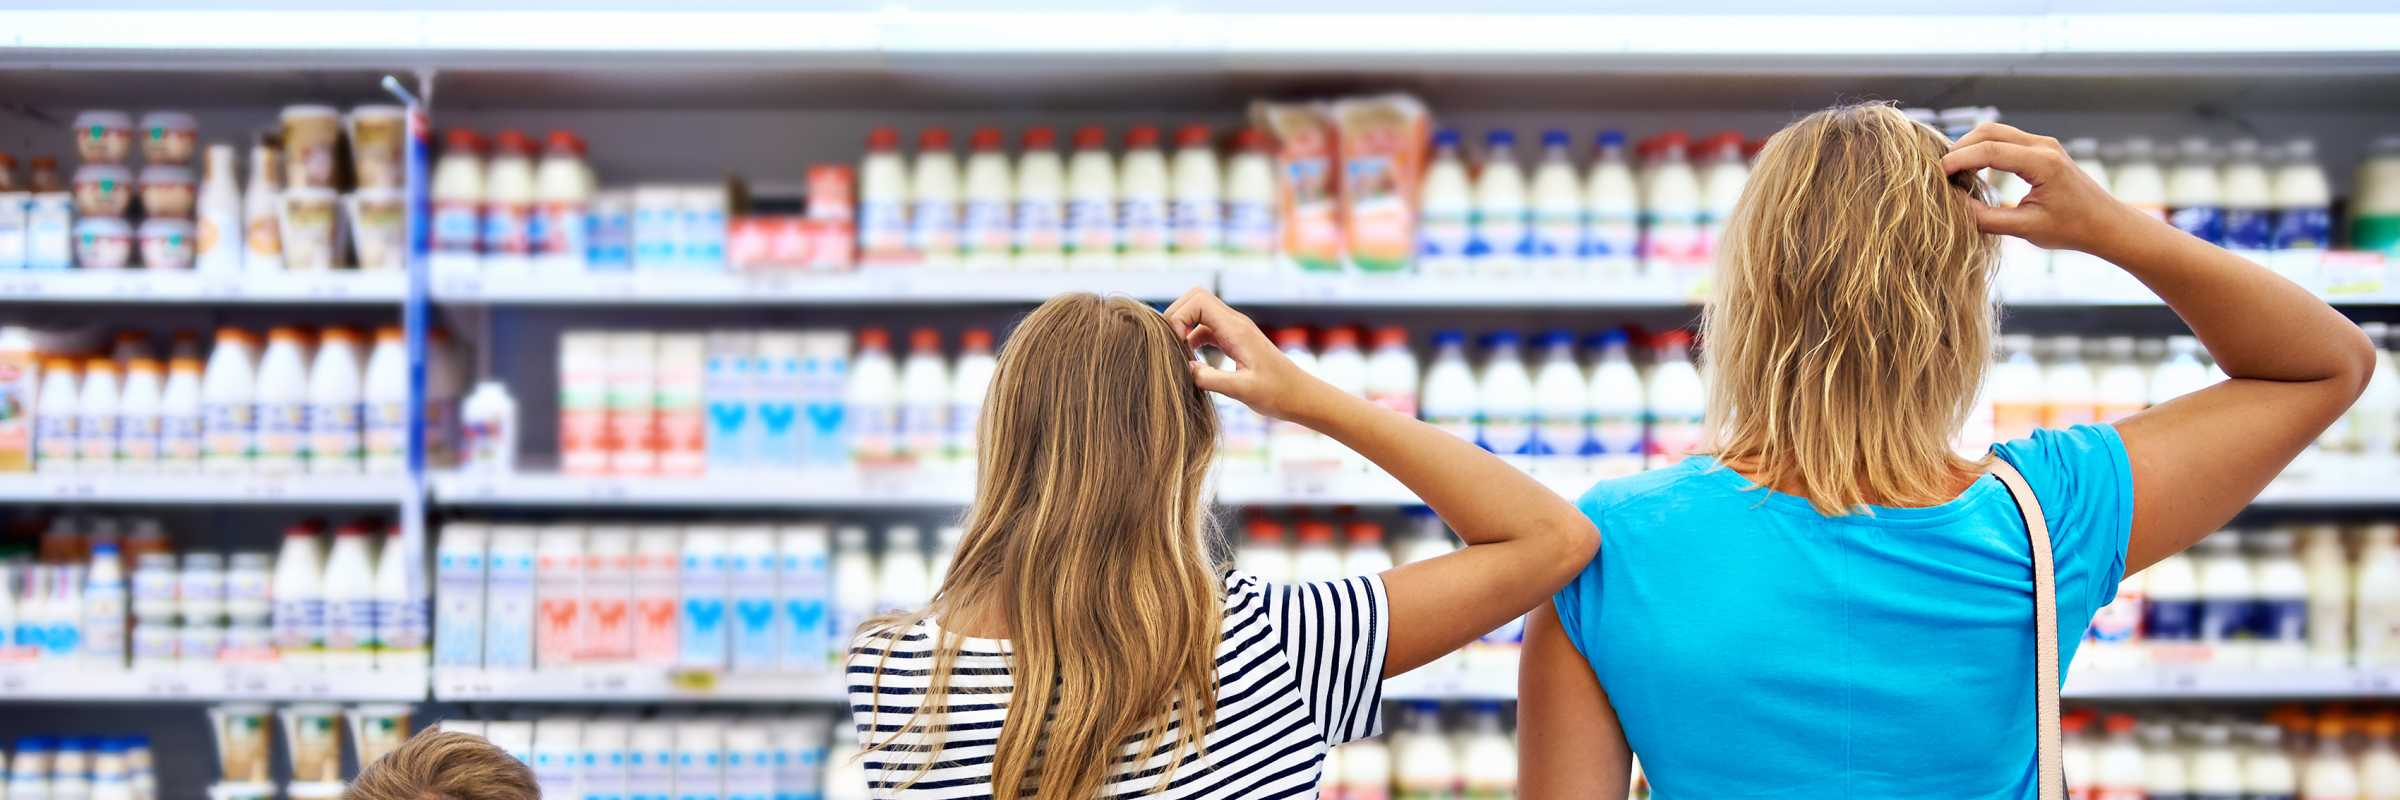 Choosing food in a shop